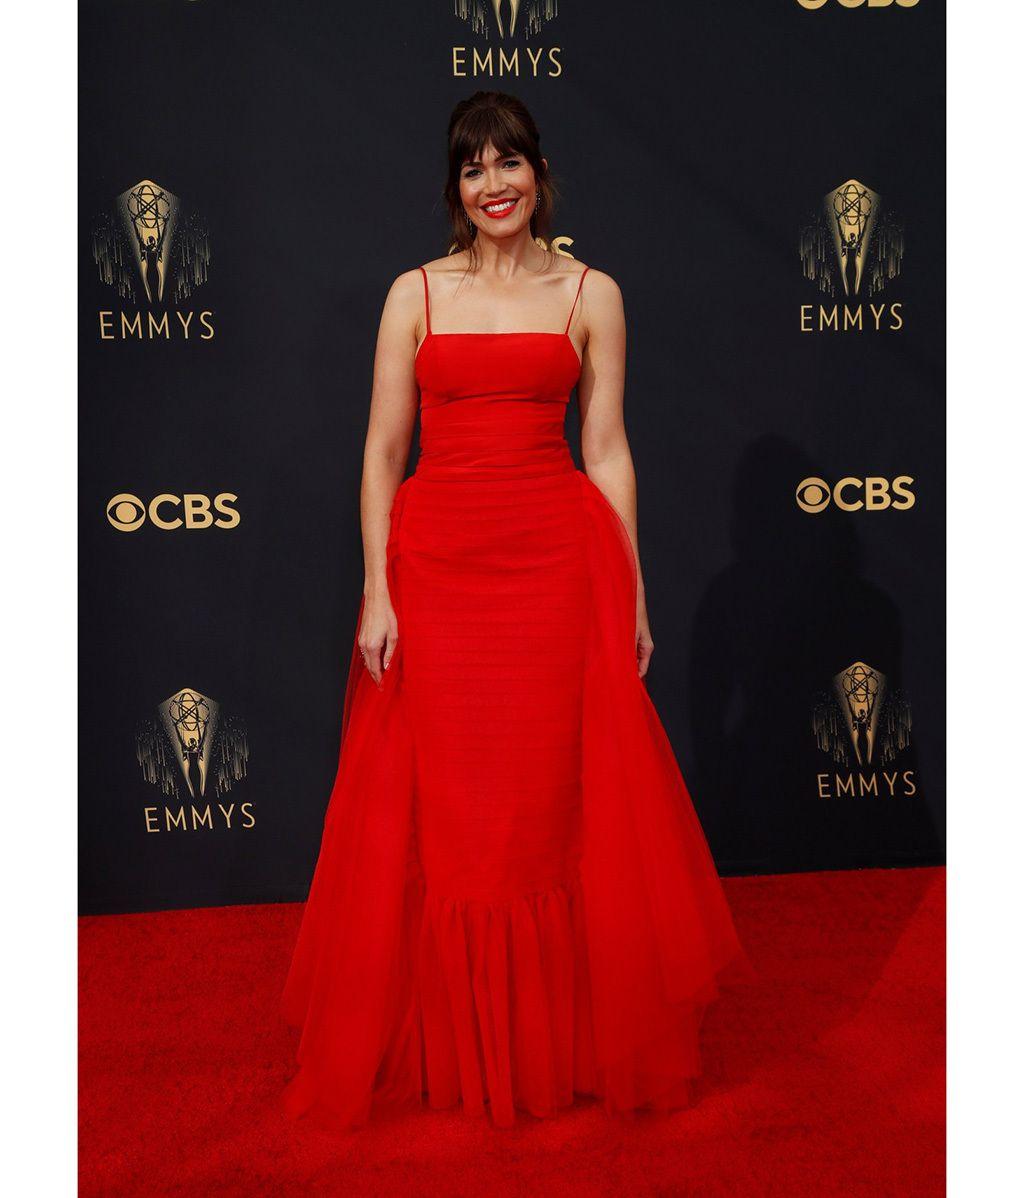 La alfombra roja de los premios Emmy, foto a foto